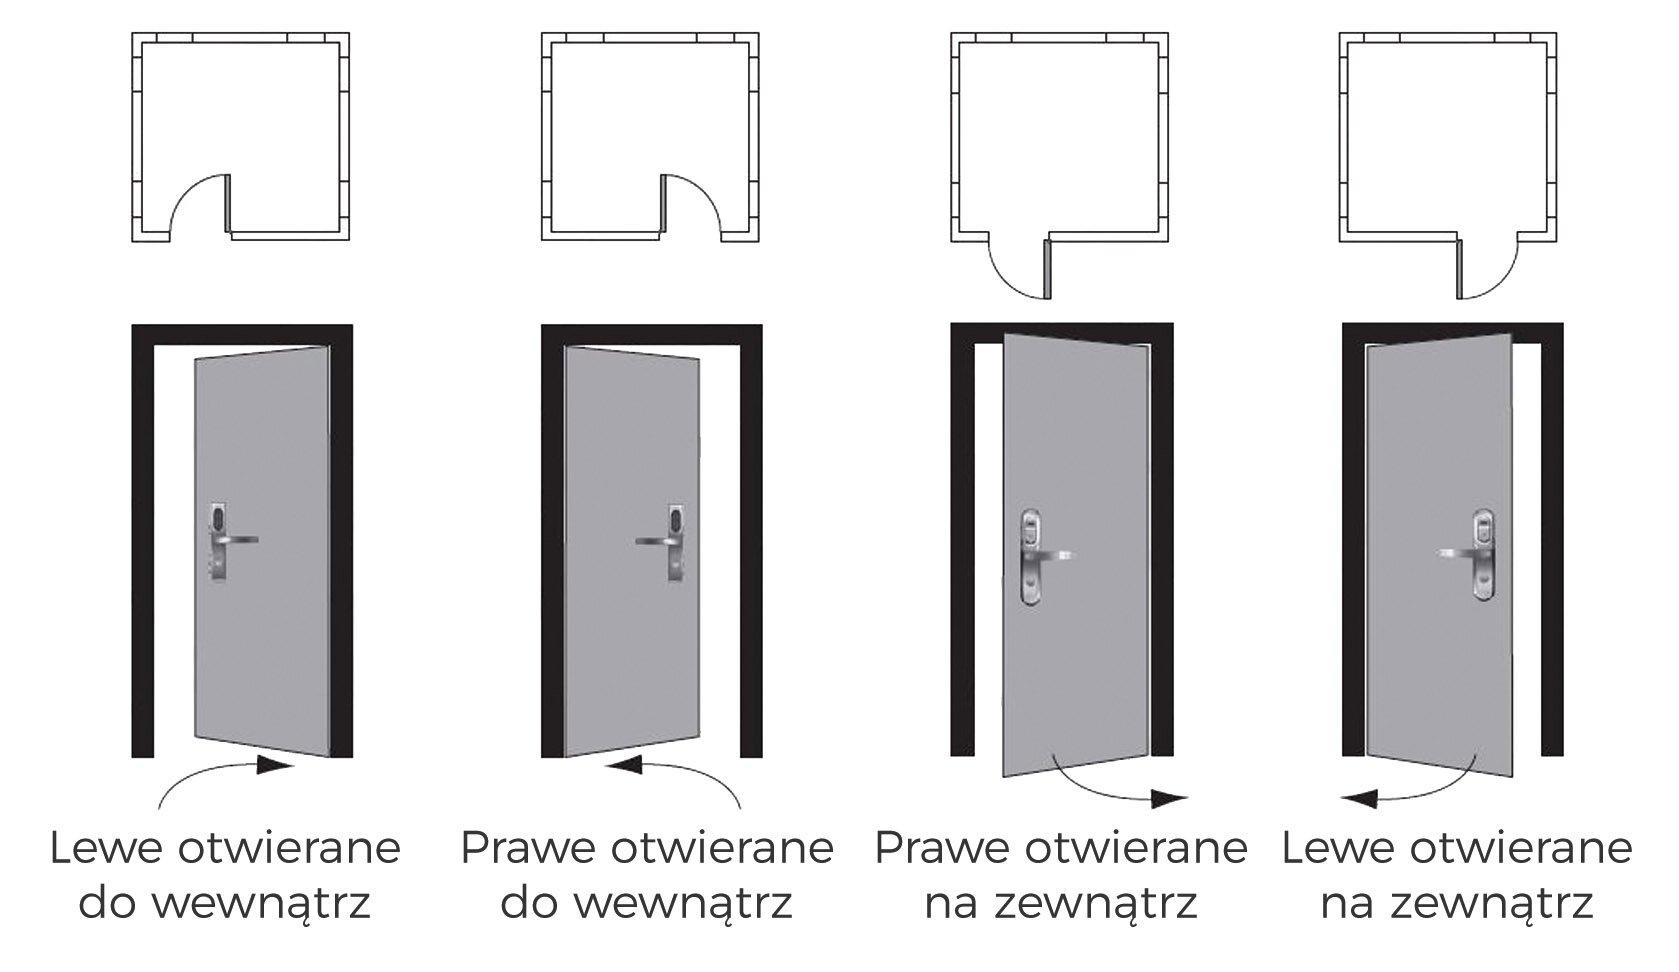 Kierunek otwierania drzwi